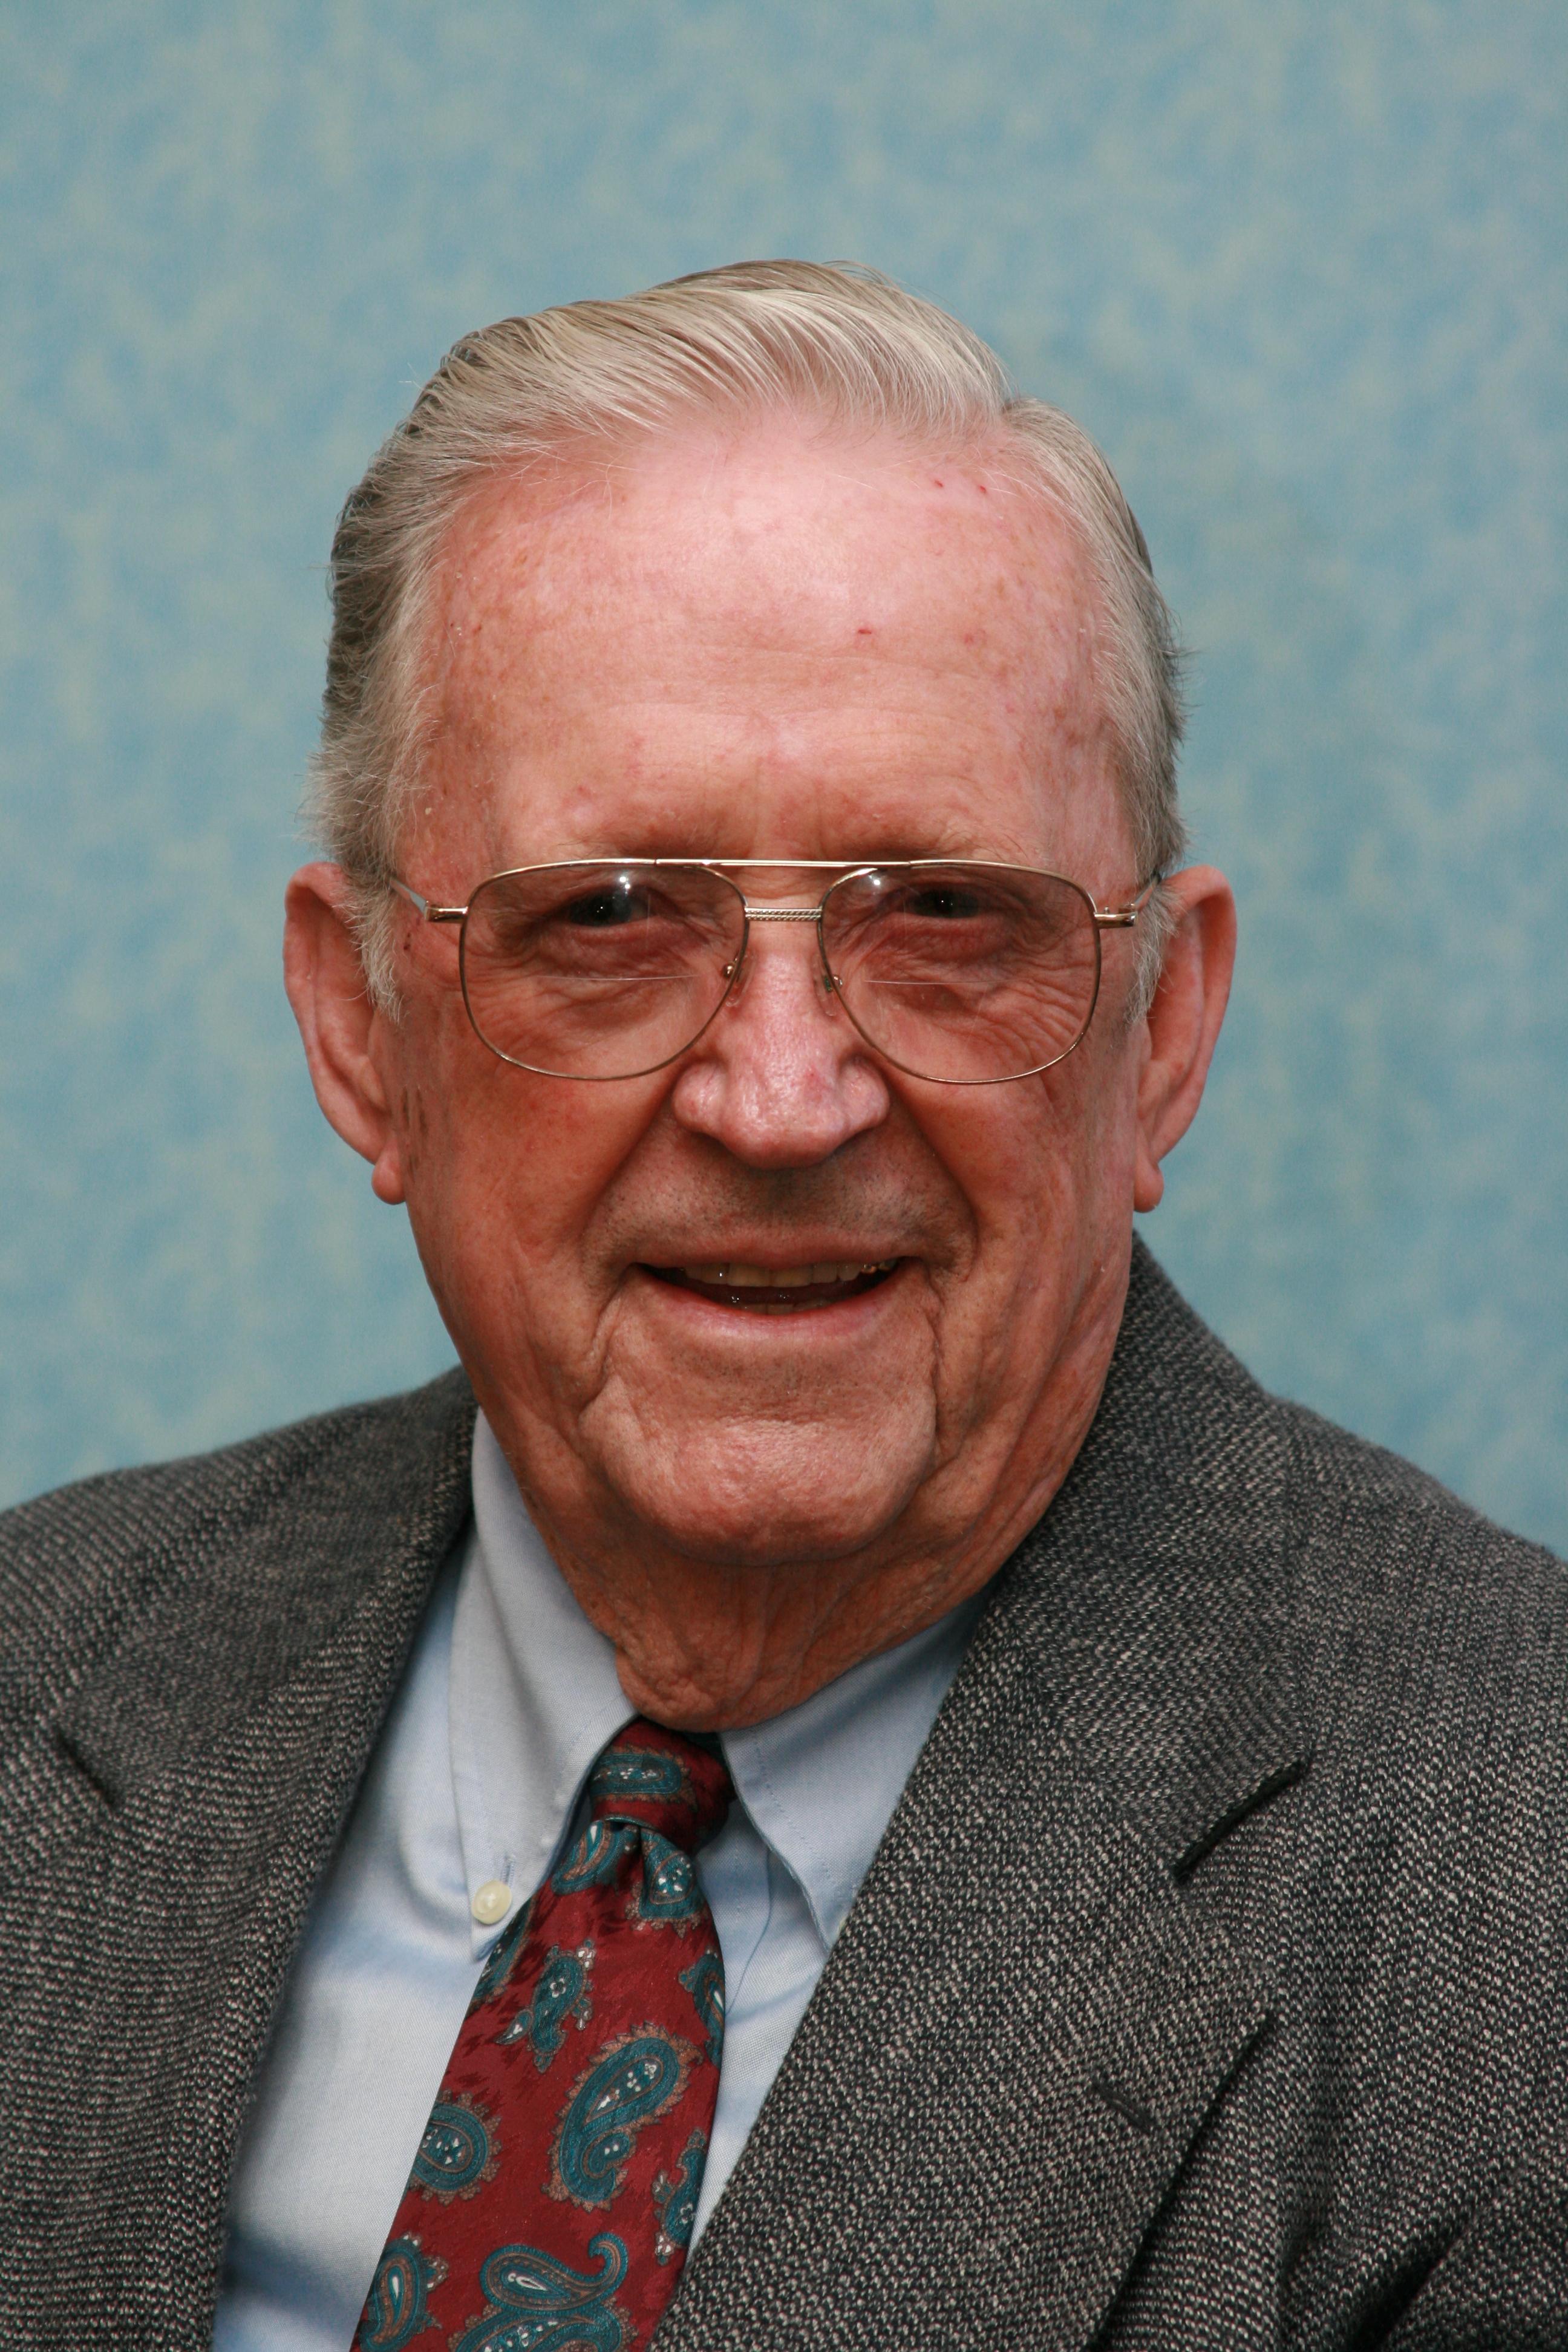 Earl Jeffery, Chairman, Jefferson County